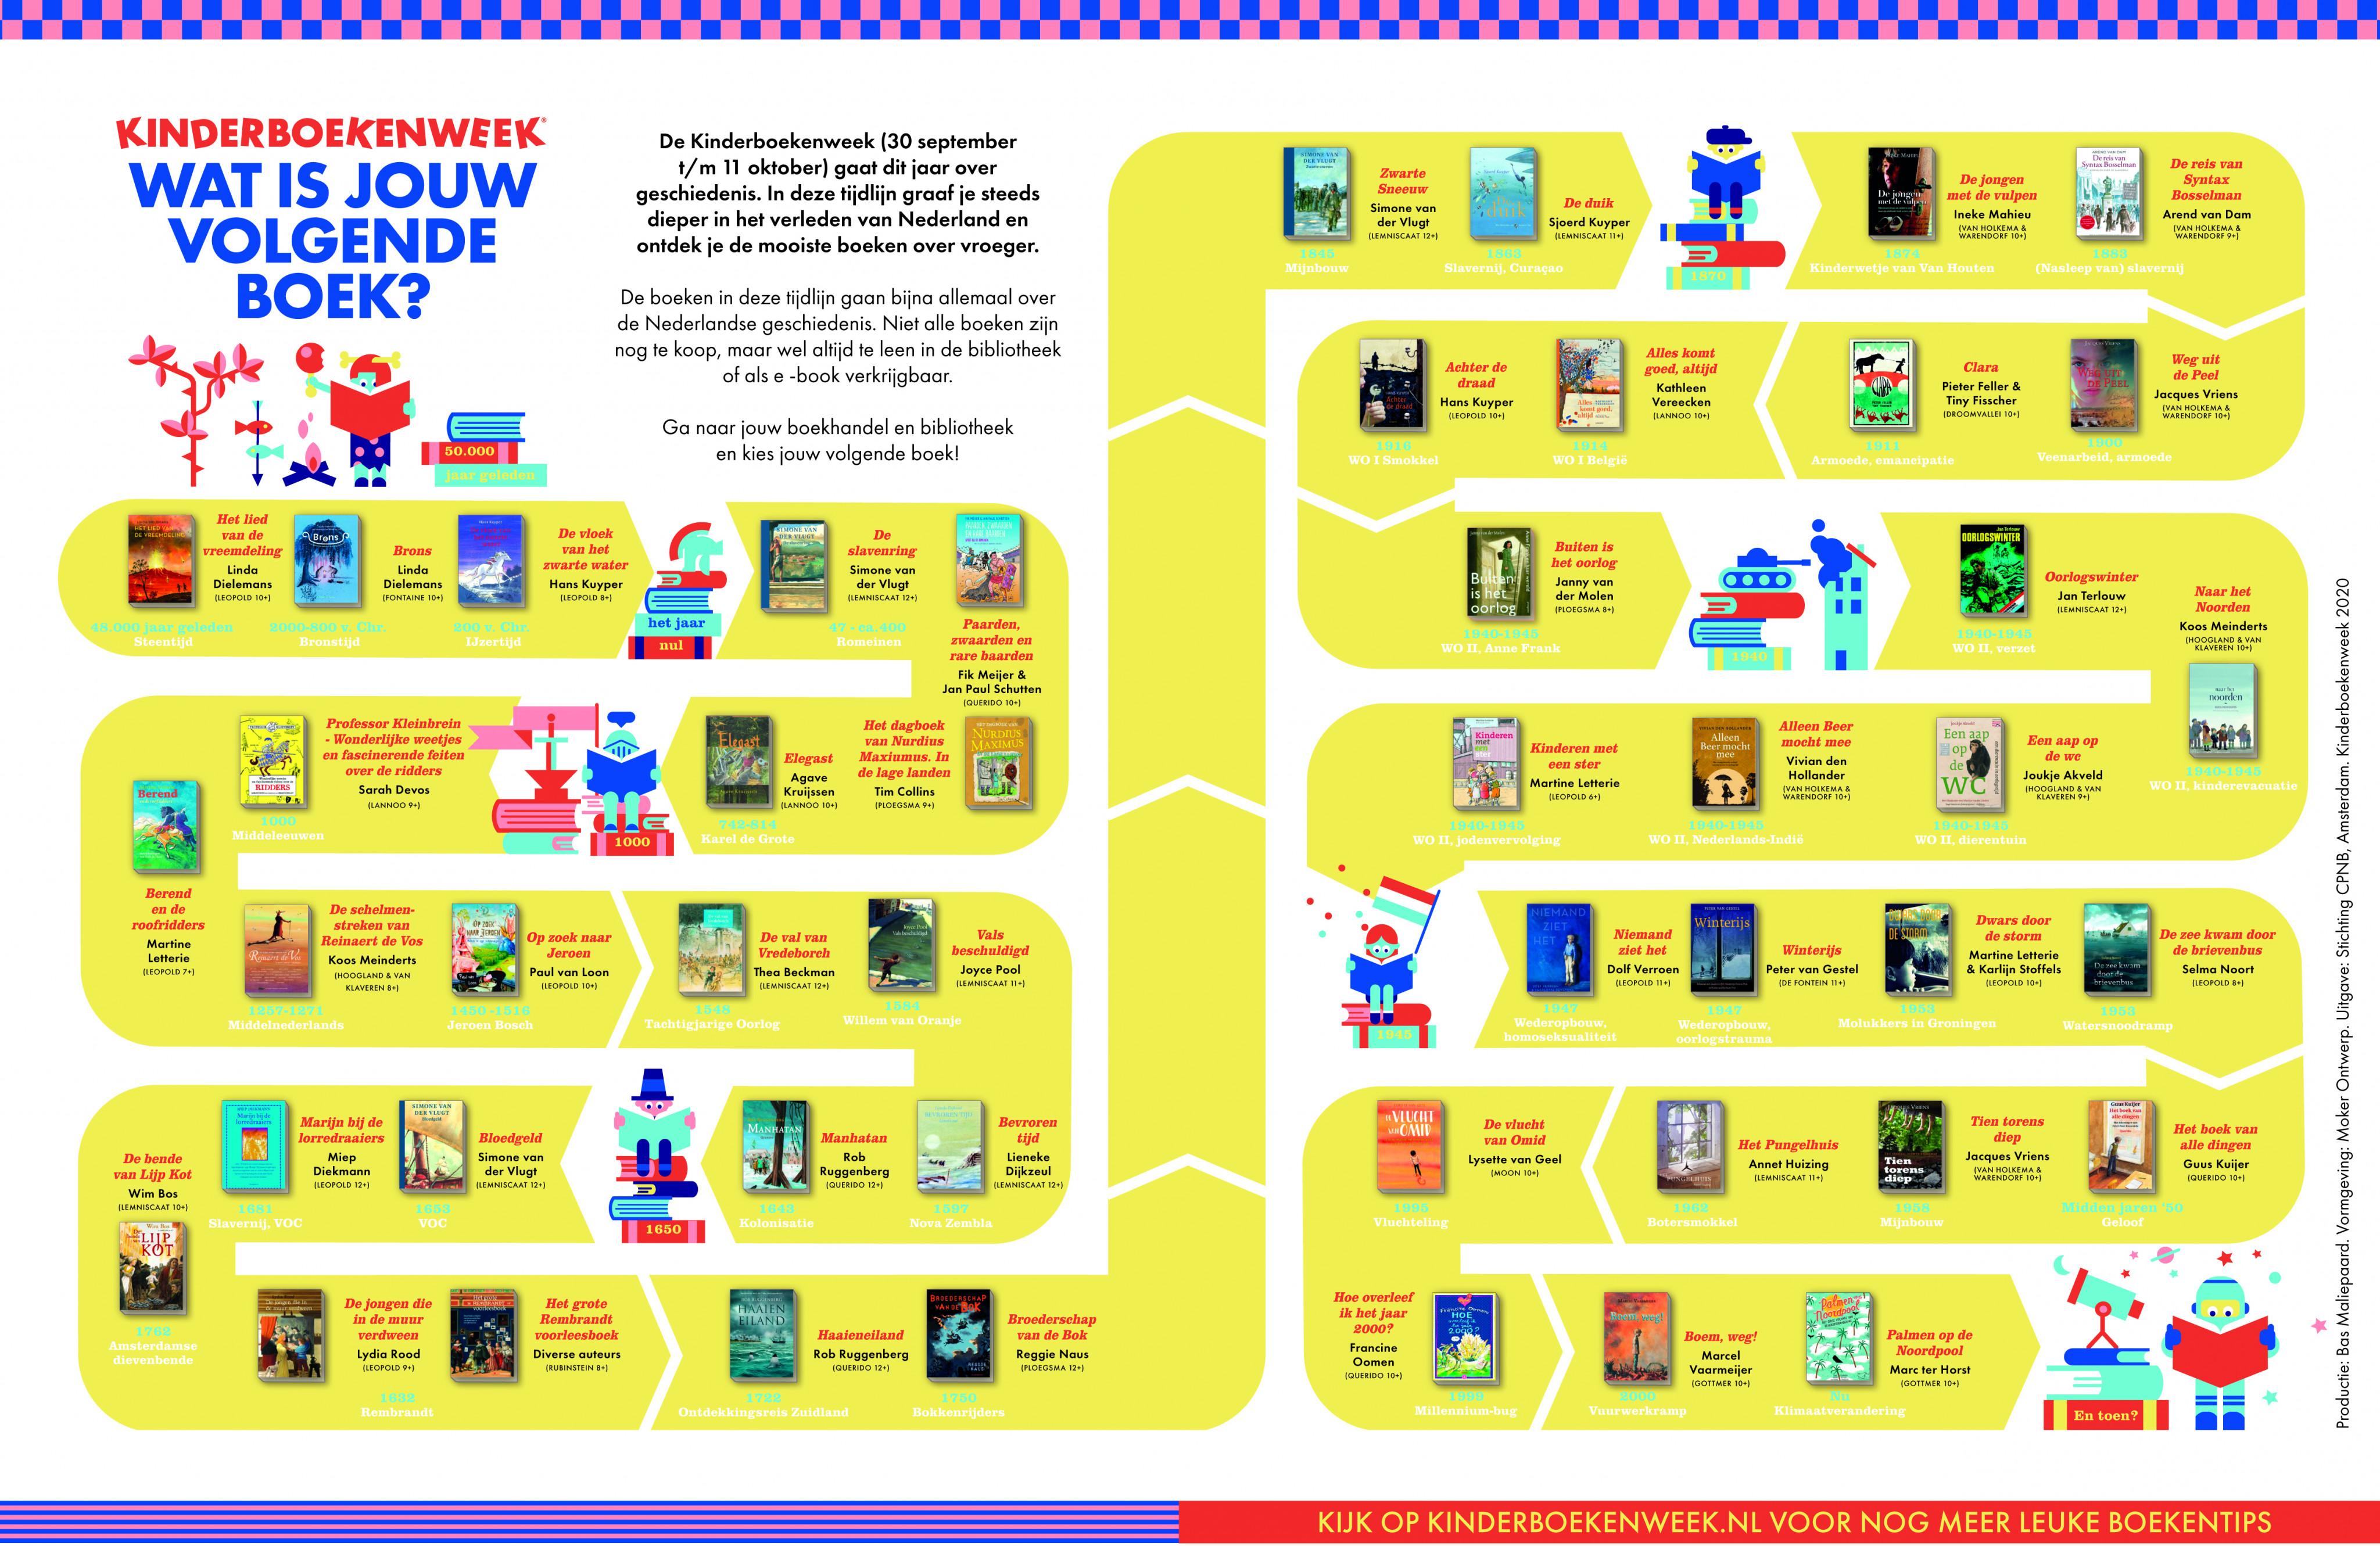 Kinderboekenweek, 2020 editie, geschiedenis, history, children's book, kinderboeken, tijdlijn, timeline, yellow